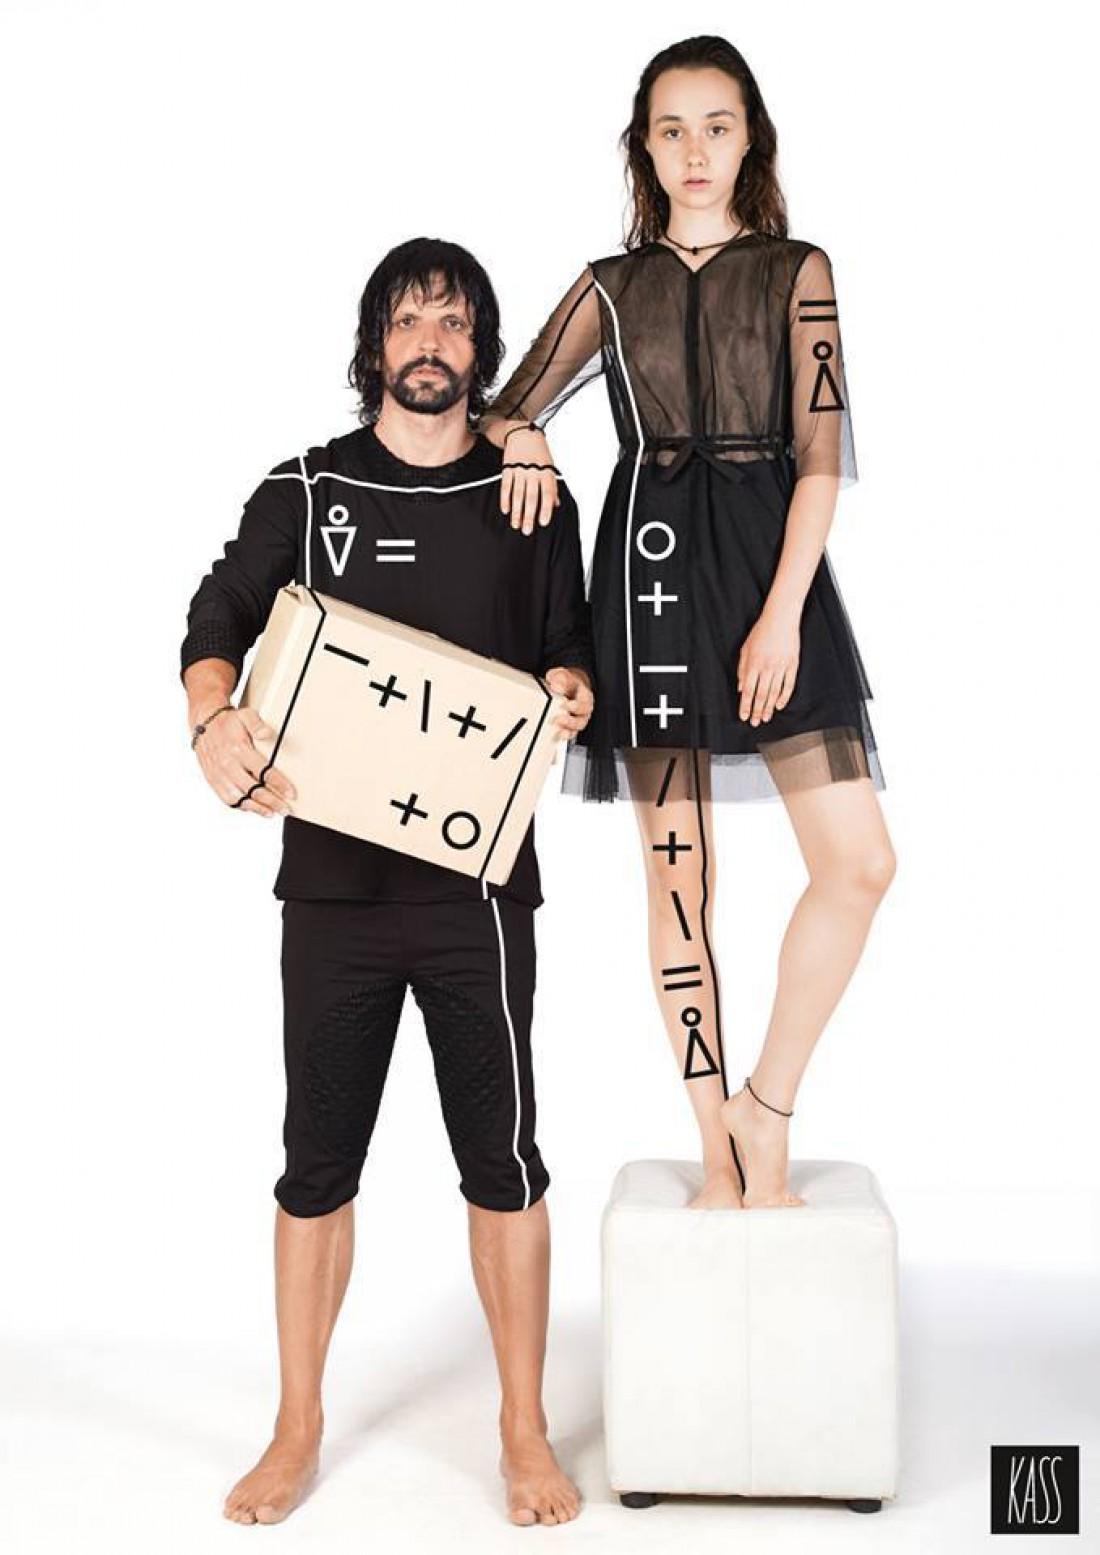 Алексей Гладушевский и Алина Панюта в кампейне KASS